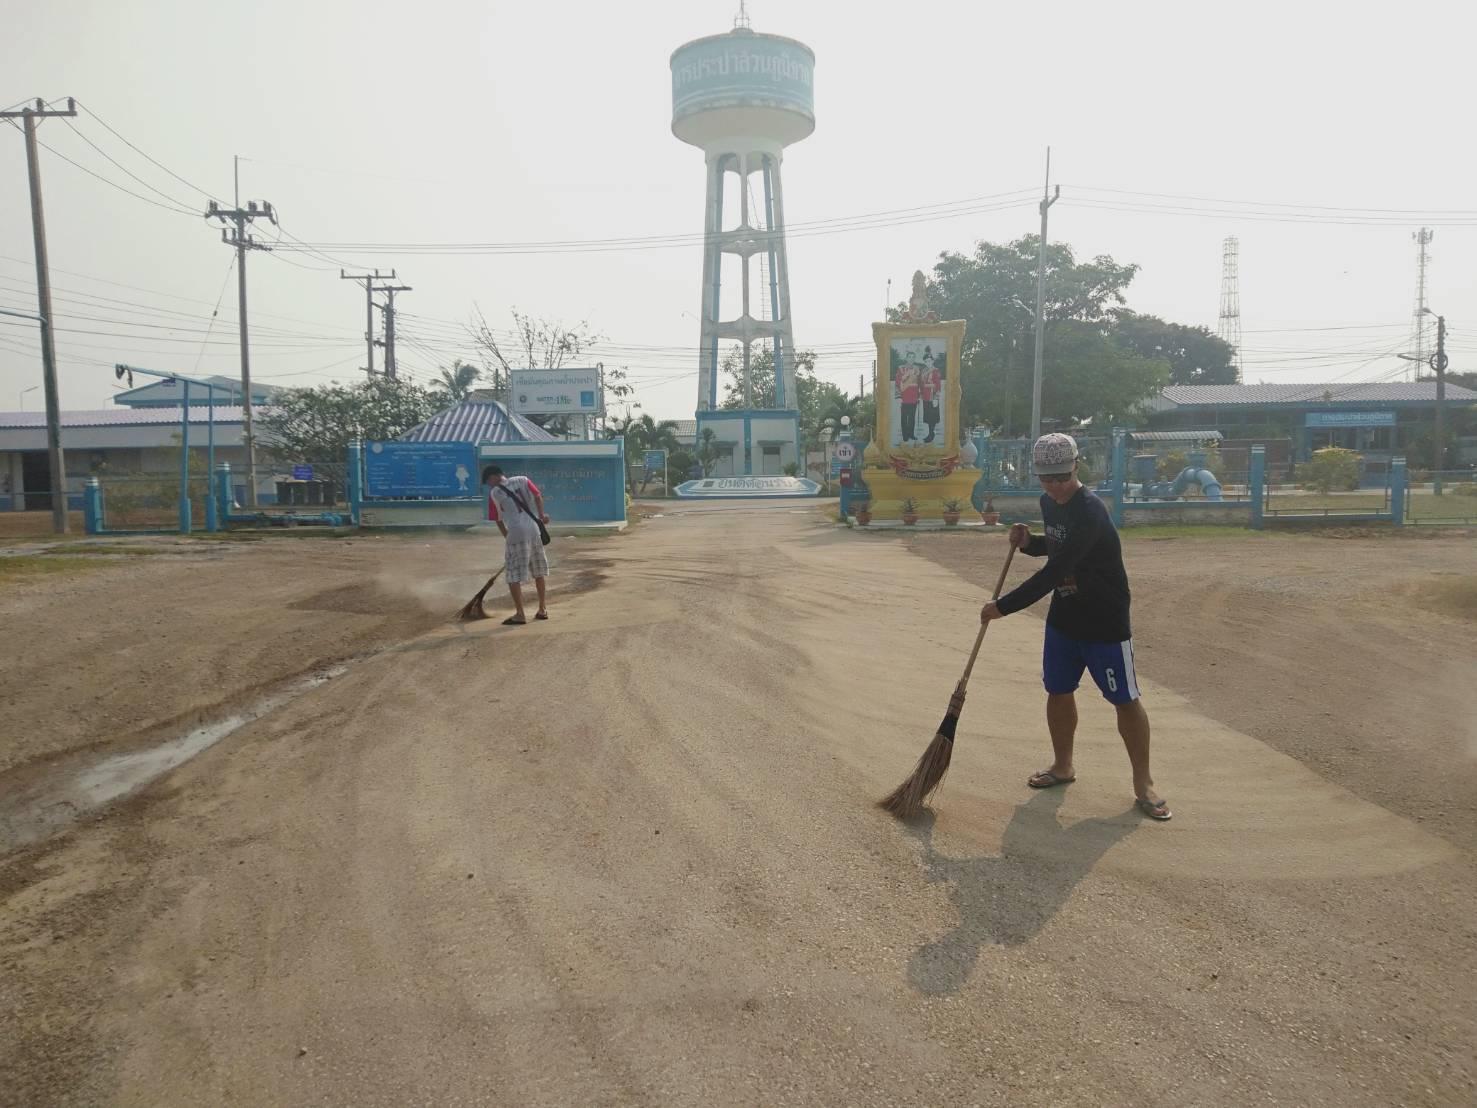 กปภ.สาขาวัฒนานคร จัดกิจกรรม 5 ส. ทำความสะอาด เก็บกวาดบริเวณโดยรอบสำนักงาน